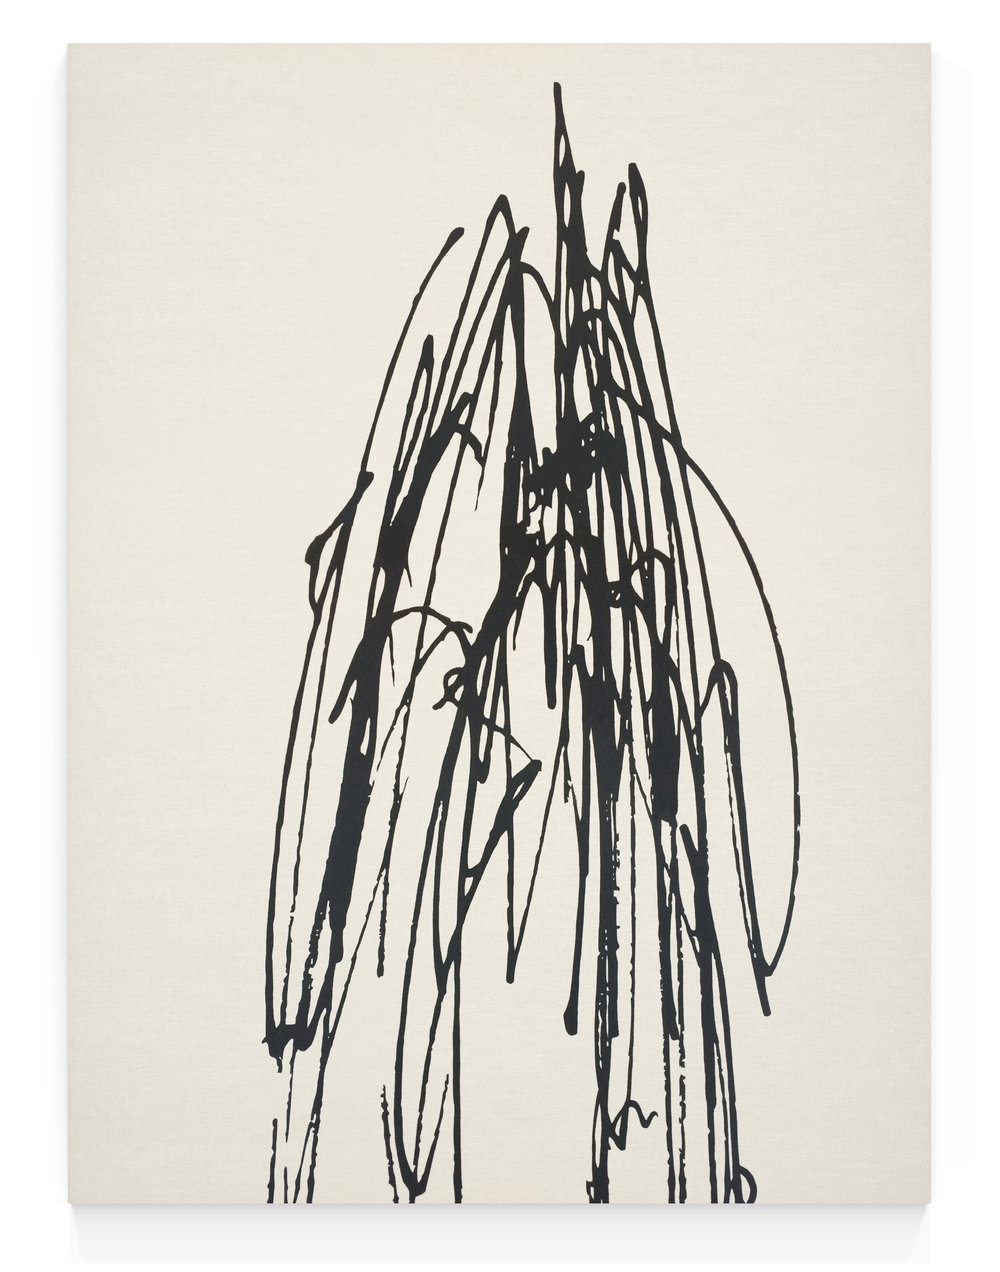 Portrait of a Line, Diego Berjon